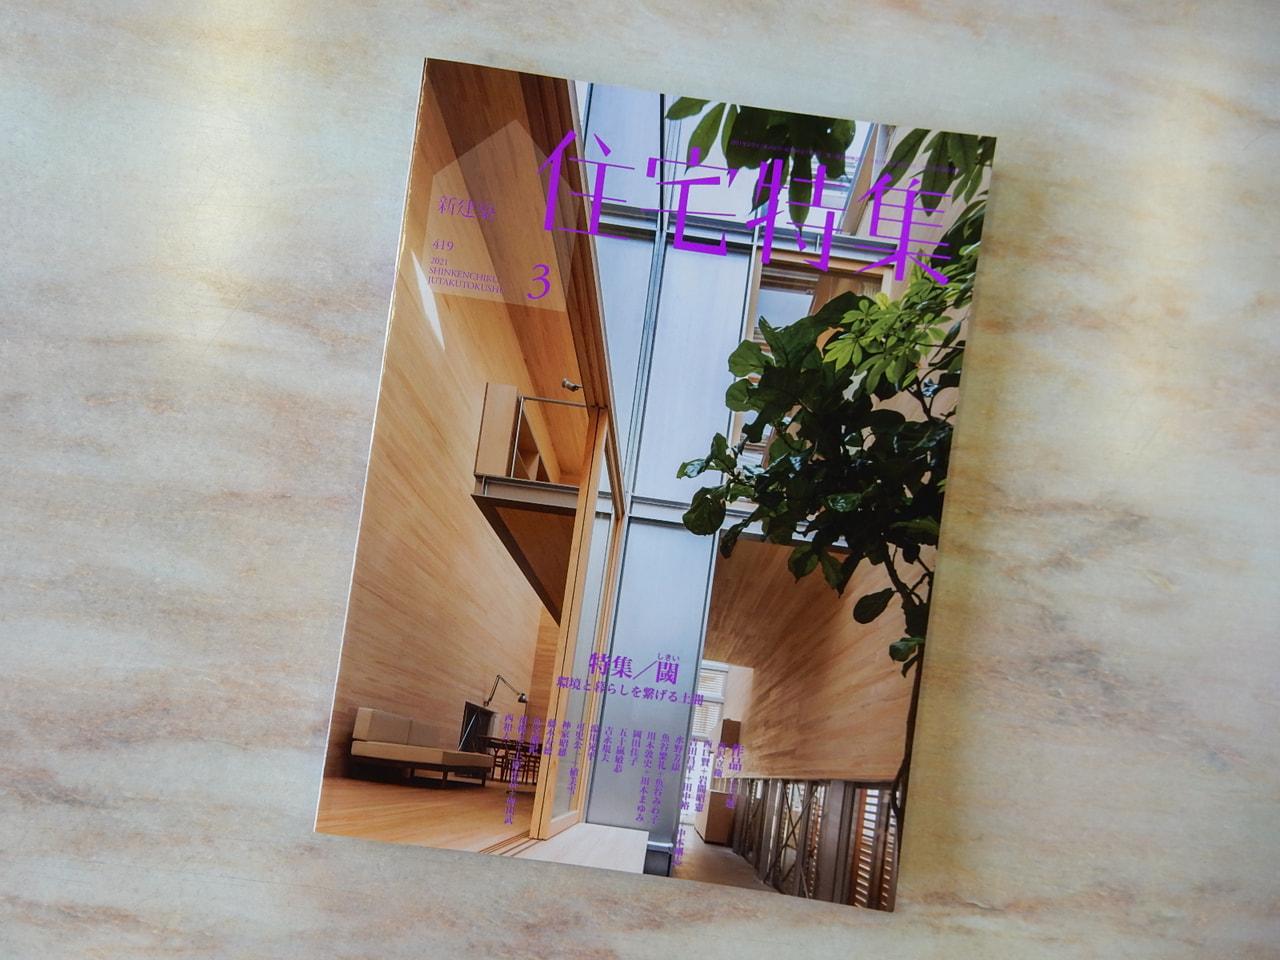 『住宅特集』3月号に非常勤講師の吉永先生と魚谷先生の作品が掲載されました